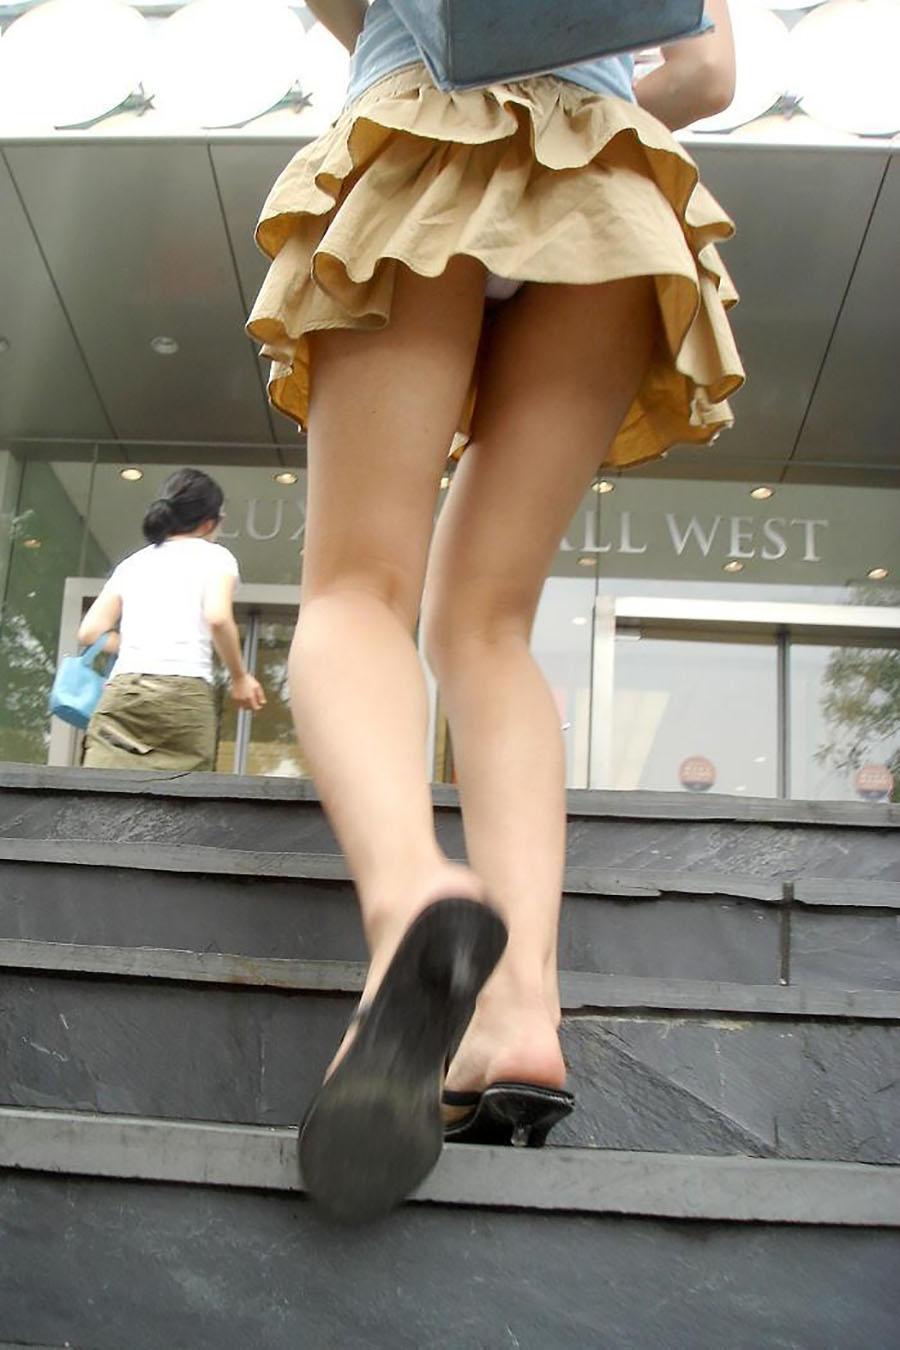 階段でパンチラしちゃうハプニング (8)